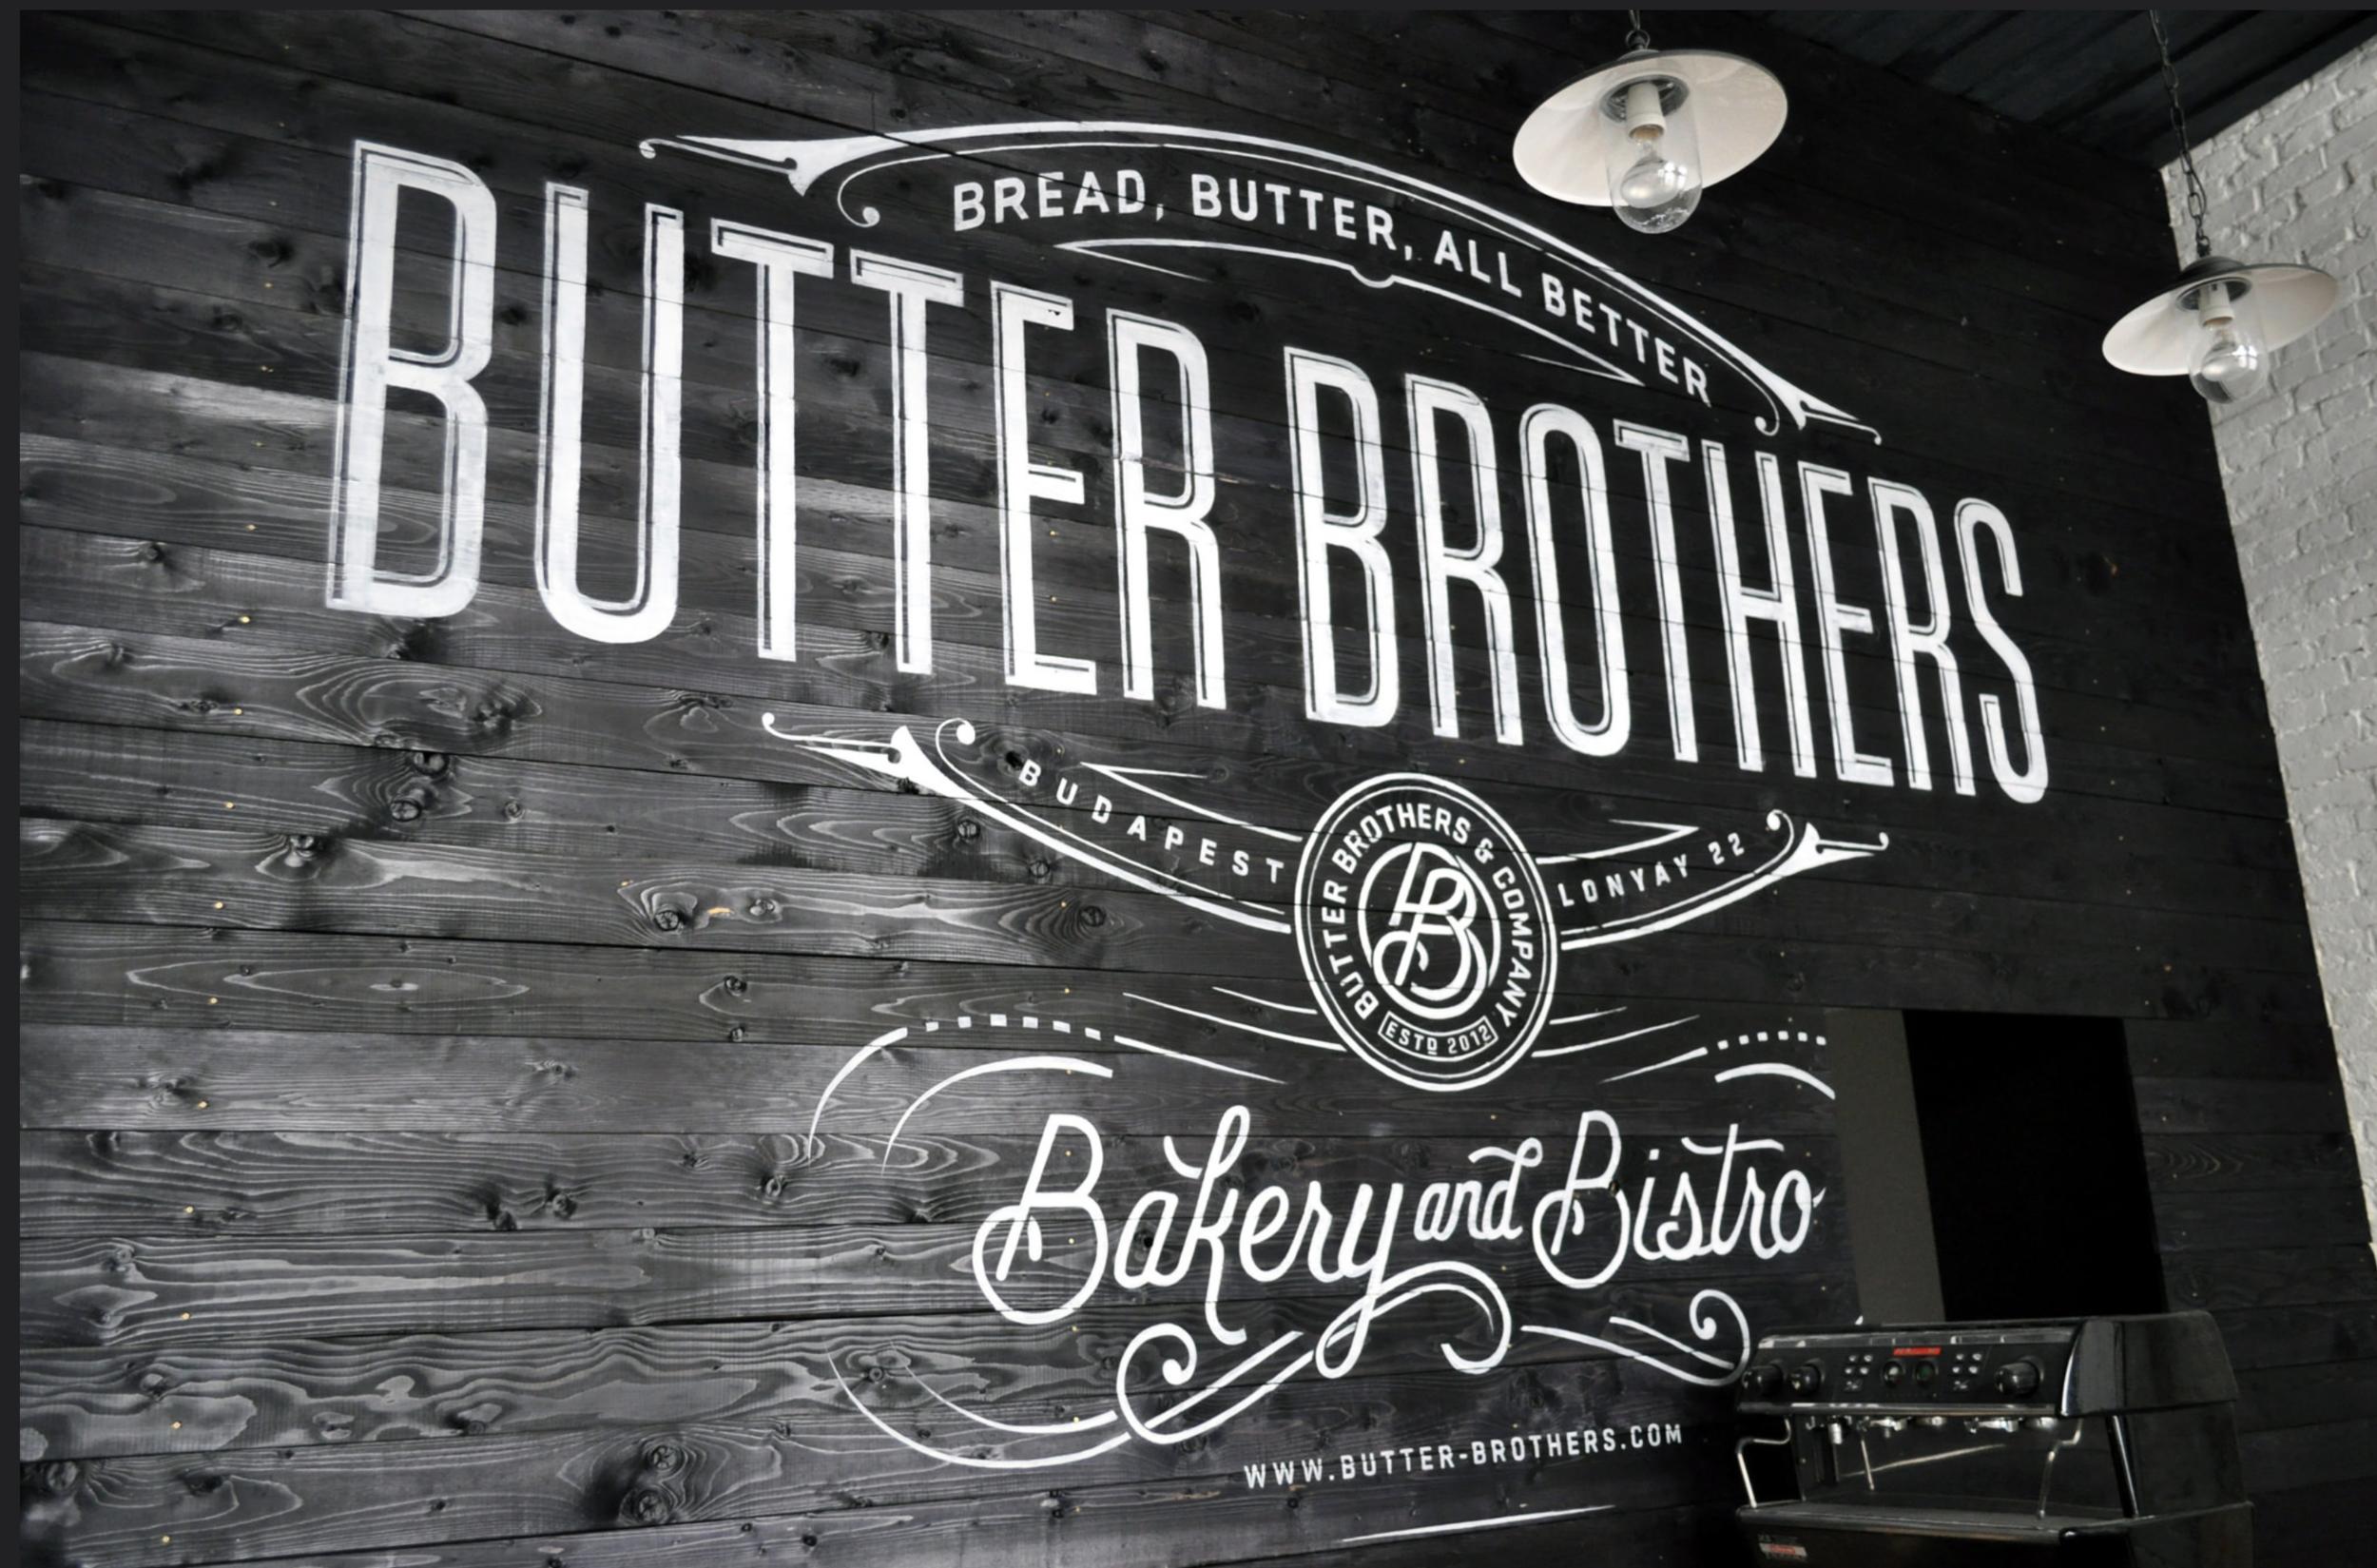 BUTTER BROTHERS  - PÉKSÉG és TEJBOLT- beltéri dekorációs festés ,cégtábla és portálfelíratok /Terv:  Pretty/Ugly Design-Ben Didier / festés :  www.vertigomurals.com